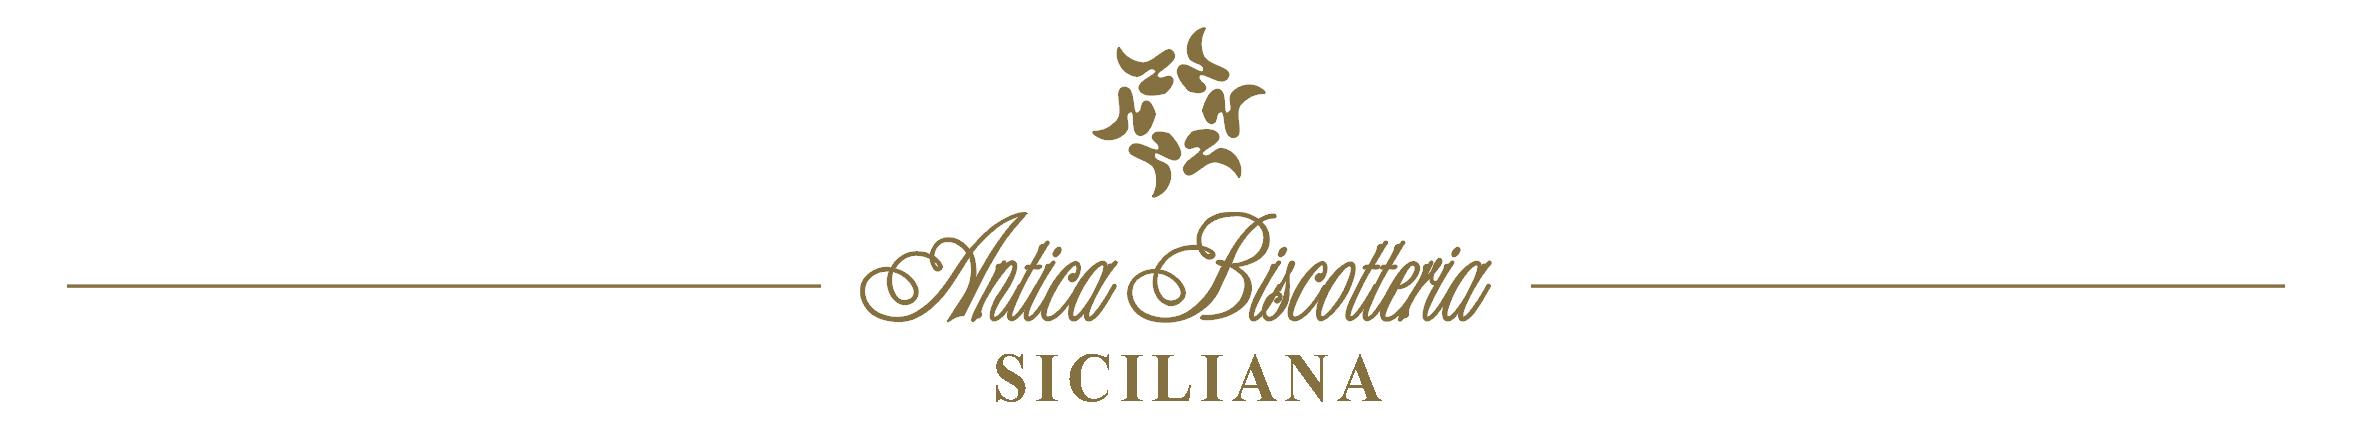 Antica Biscotteria Siciliana